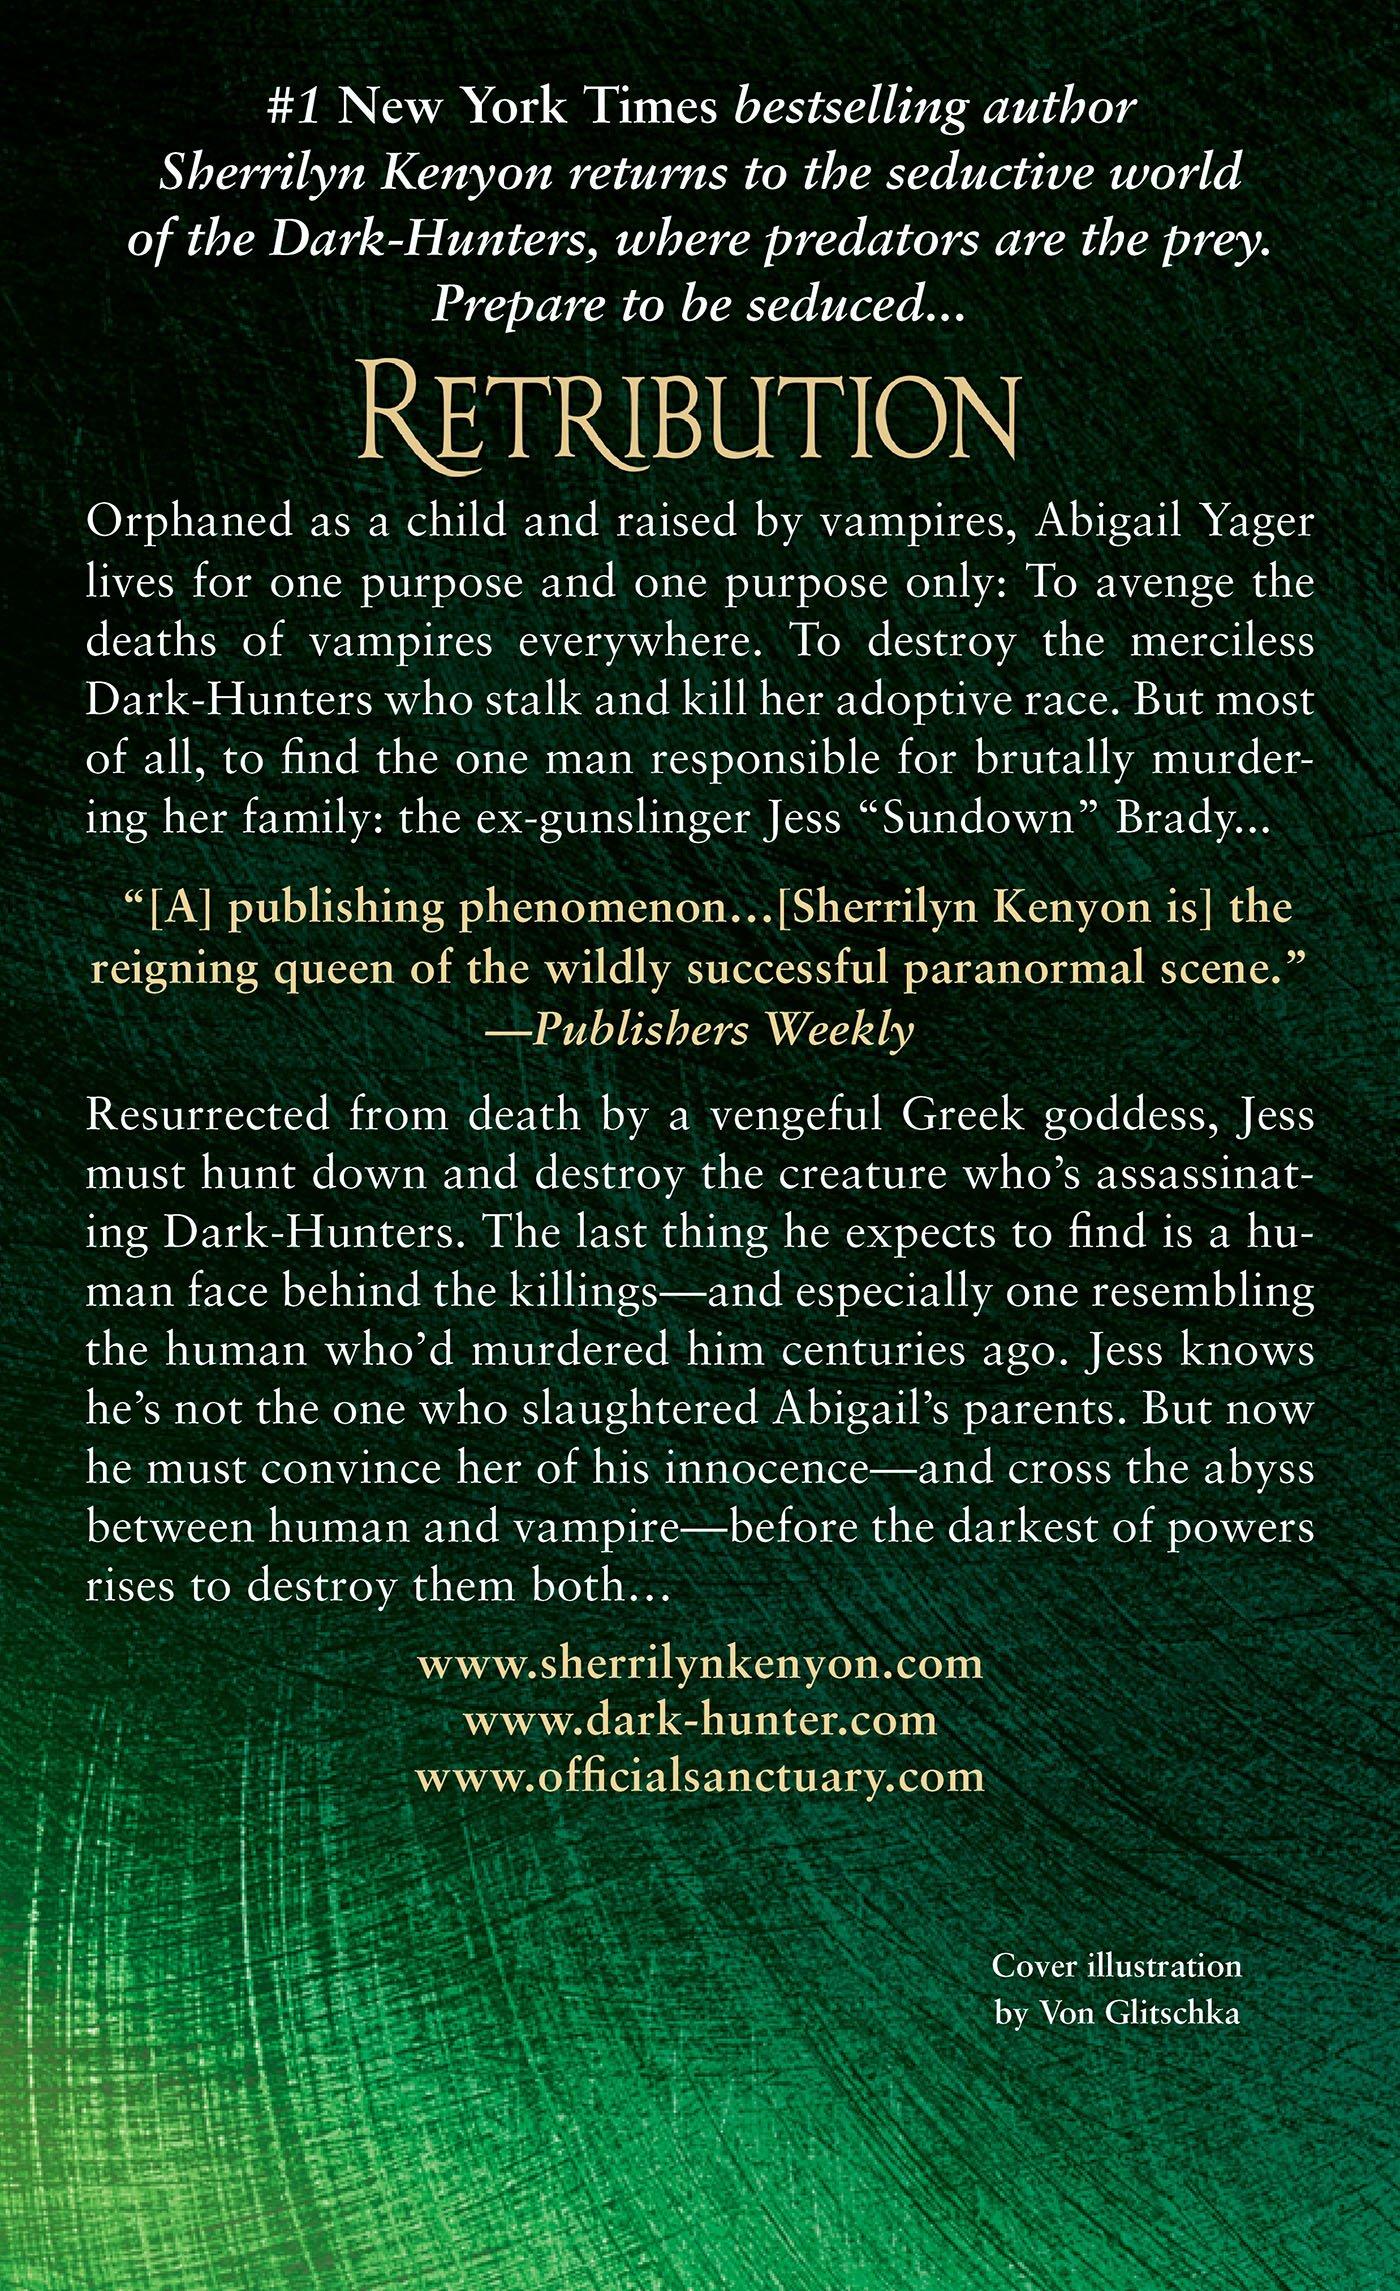 Amazon: Retribution (darkhunter Novels) (9780312546601): Sherrilyn  Kenyon: Books